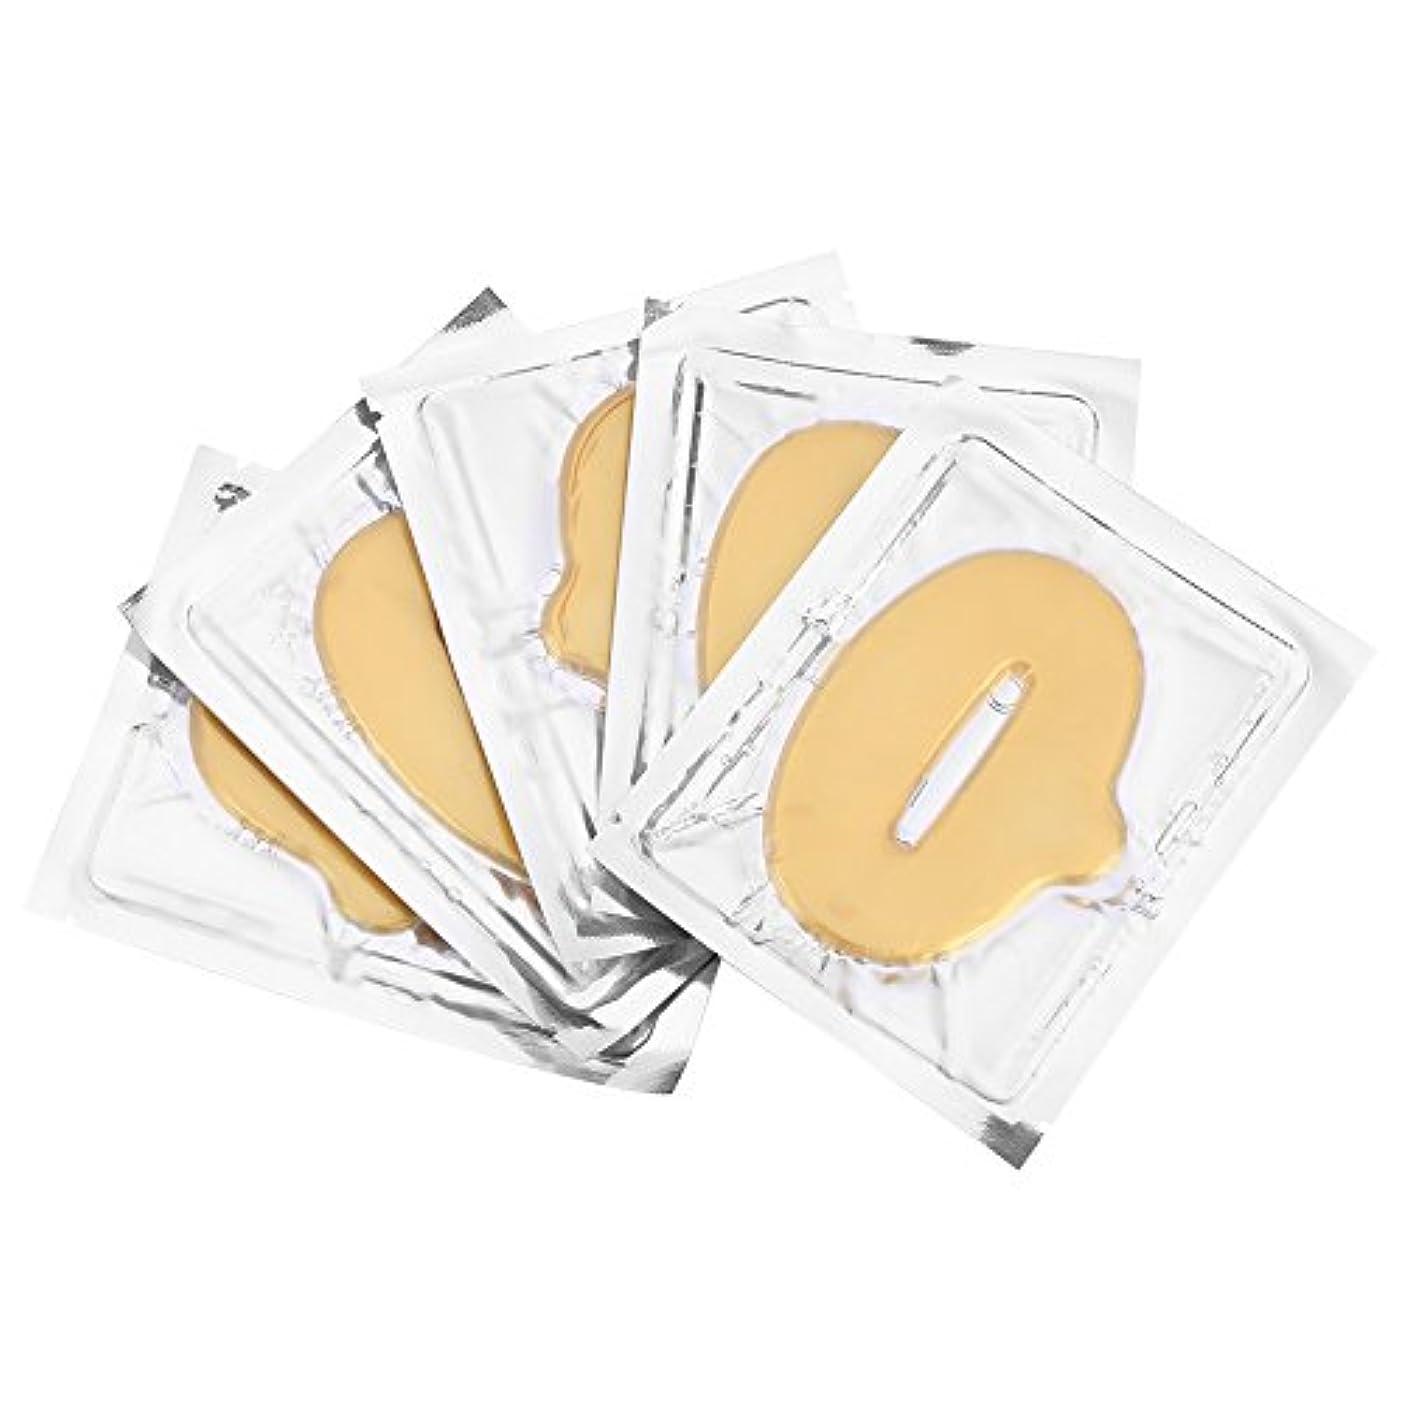 リップマスク、保湿リップマスクリップメンブレンコラーゲンモイスチャーエッセンシャルオイルプランプエッセンシャルマスク用リップケア